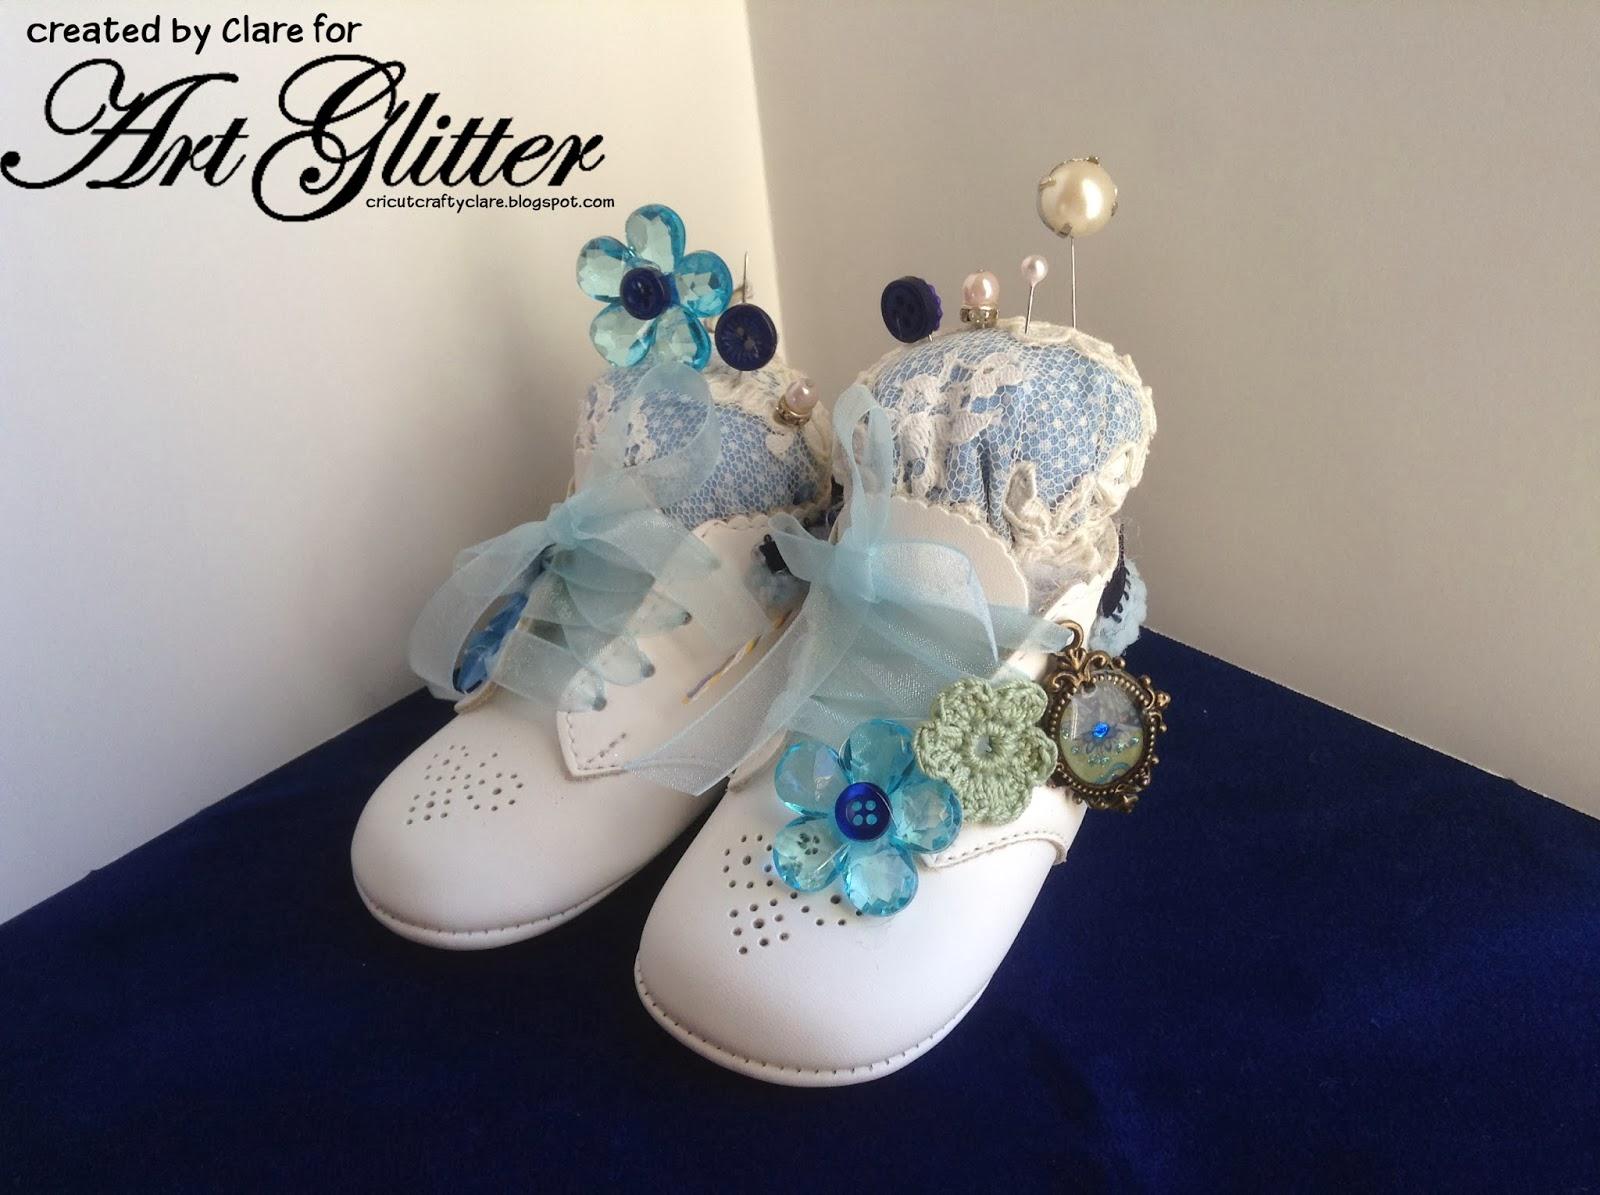 http://1.bp.blogspot.com/-kV-3Gzt71I8/UwteZy7F9VI/AAAAAAAAEw8/OsWvWGpNdCI/s1600/shoes2+copy.jpg